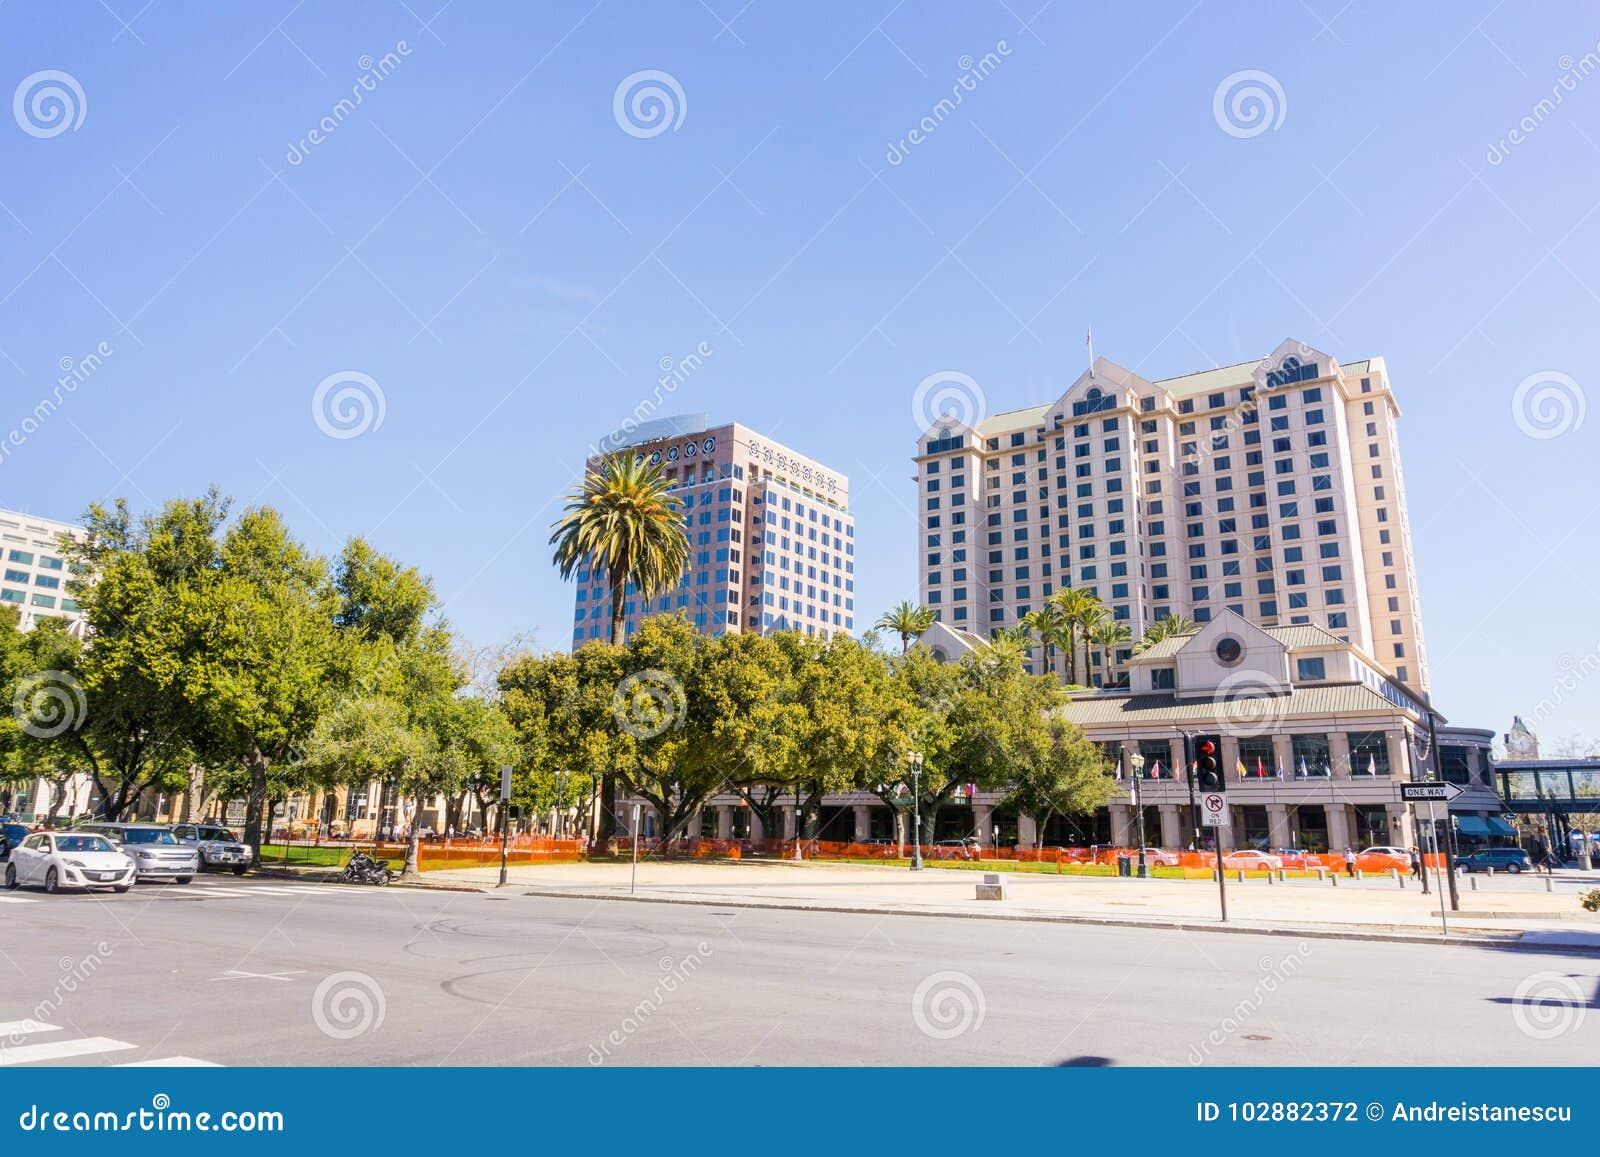 Plaza de Cesar Chavez, San Jose, Silicon Valley, California